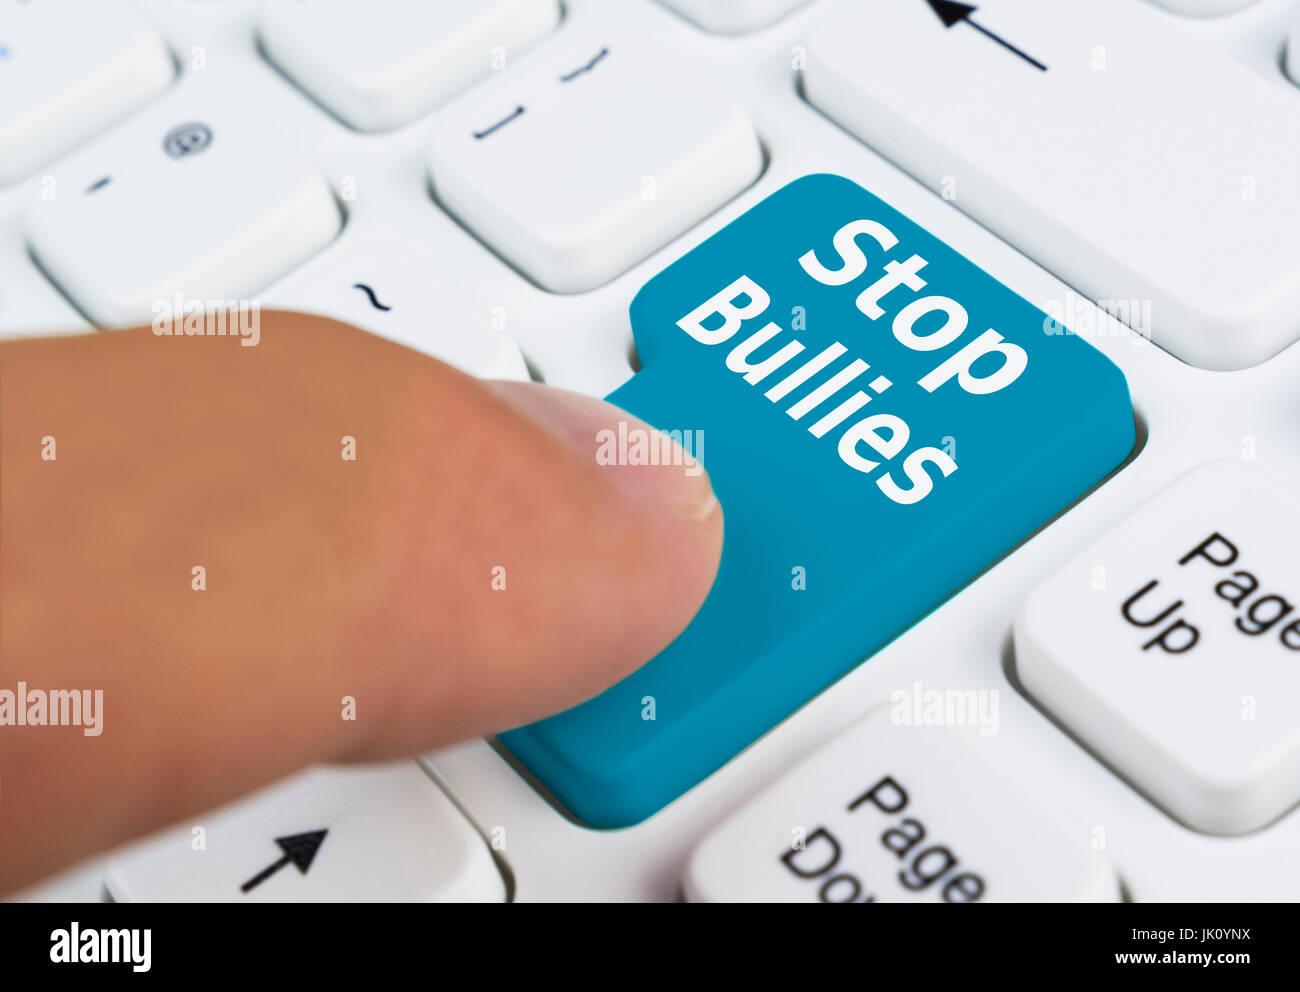 Fermare i bulli pulsante sulla tastiera di un computer. Arrestare il bullismo concetto. Immagini Stock